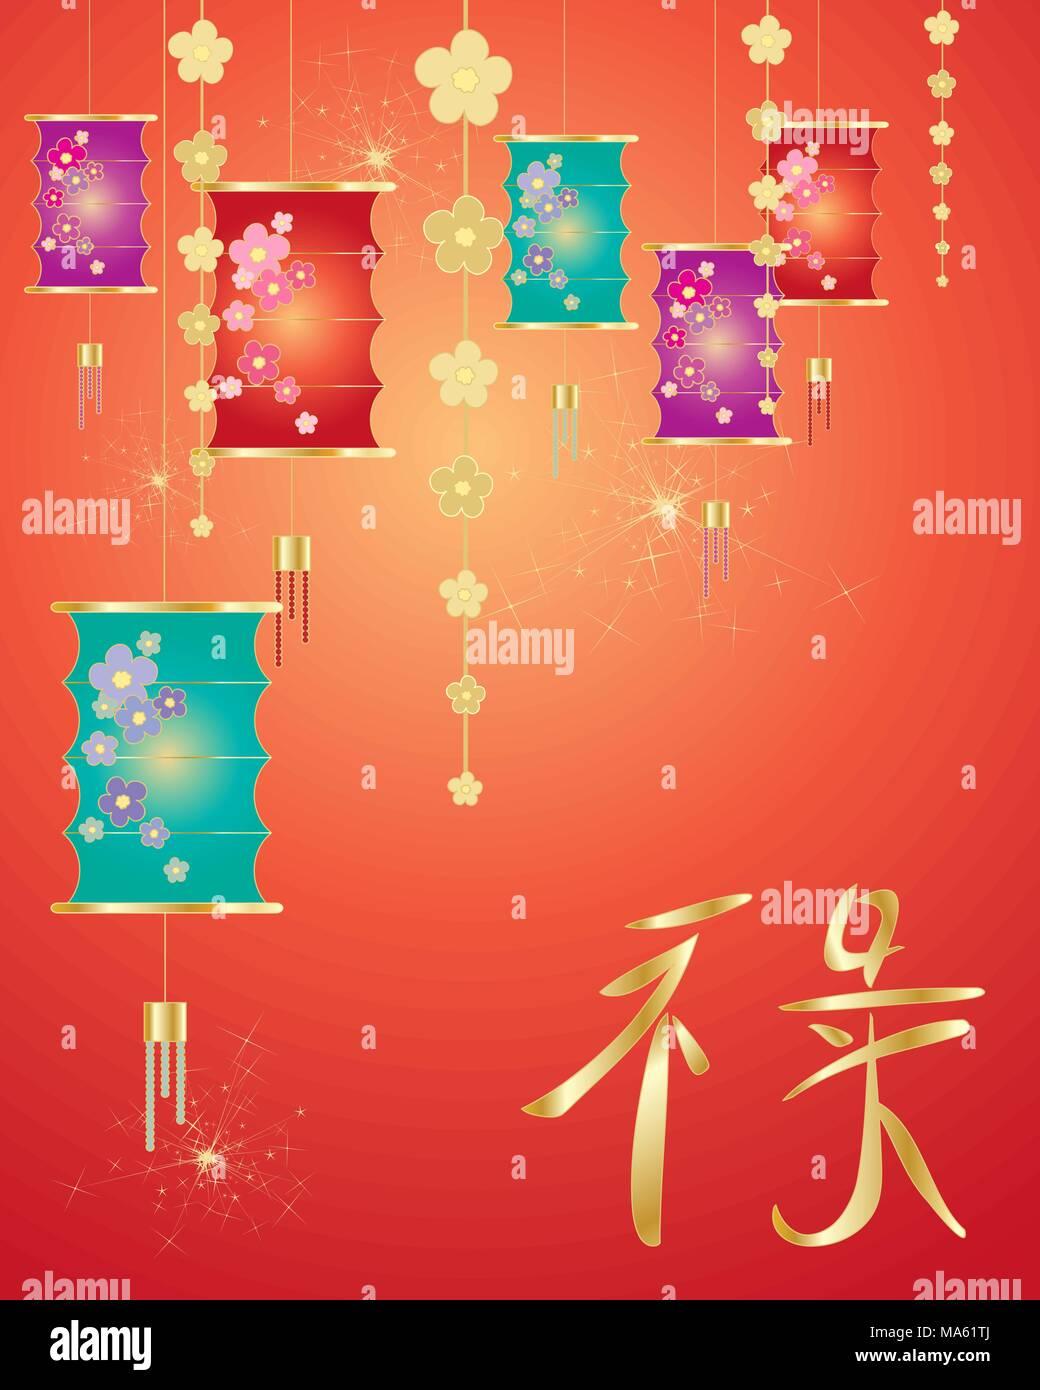 Una illustrazione vettoriale in formato eps formato 10 di decorazioni colorate lanterne cinesi al nuovo anno con fuochi d'artificio e un carattere di prosperità in oro Immagini Stock